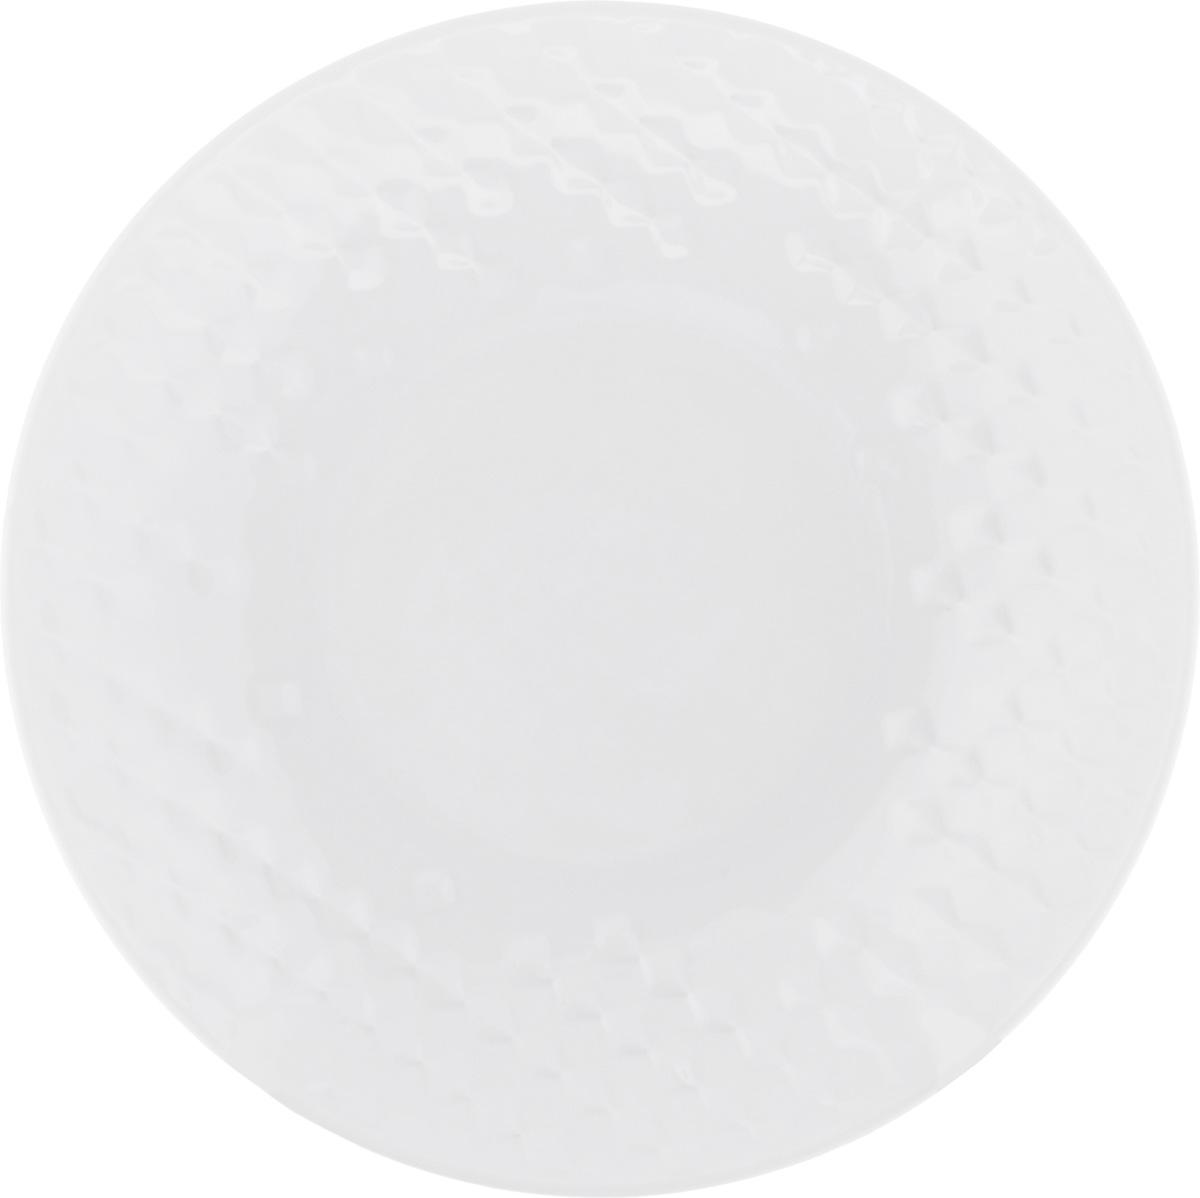 Тарелка суповая Walmer Sapphire, цвет: белый, диаметр 21 см горшок для запекания walmer classic цвет белый диаметр 12 см